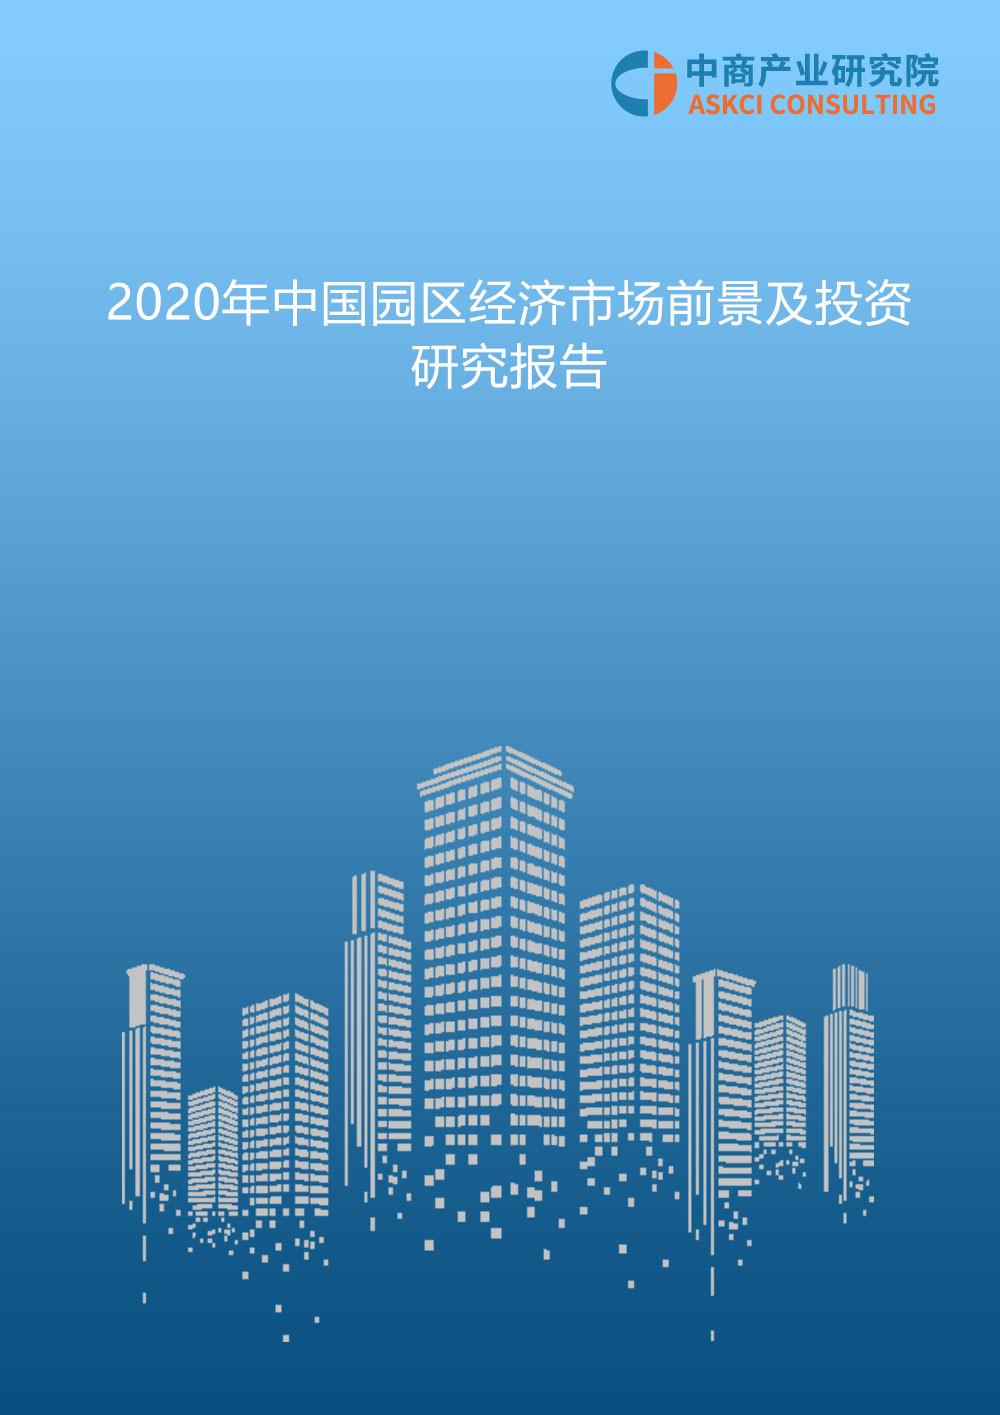 2020年中国园区经济行业市场前景及投资研究报告